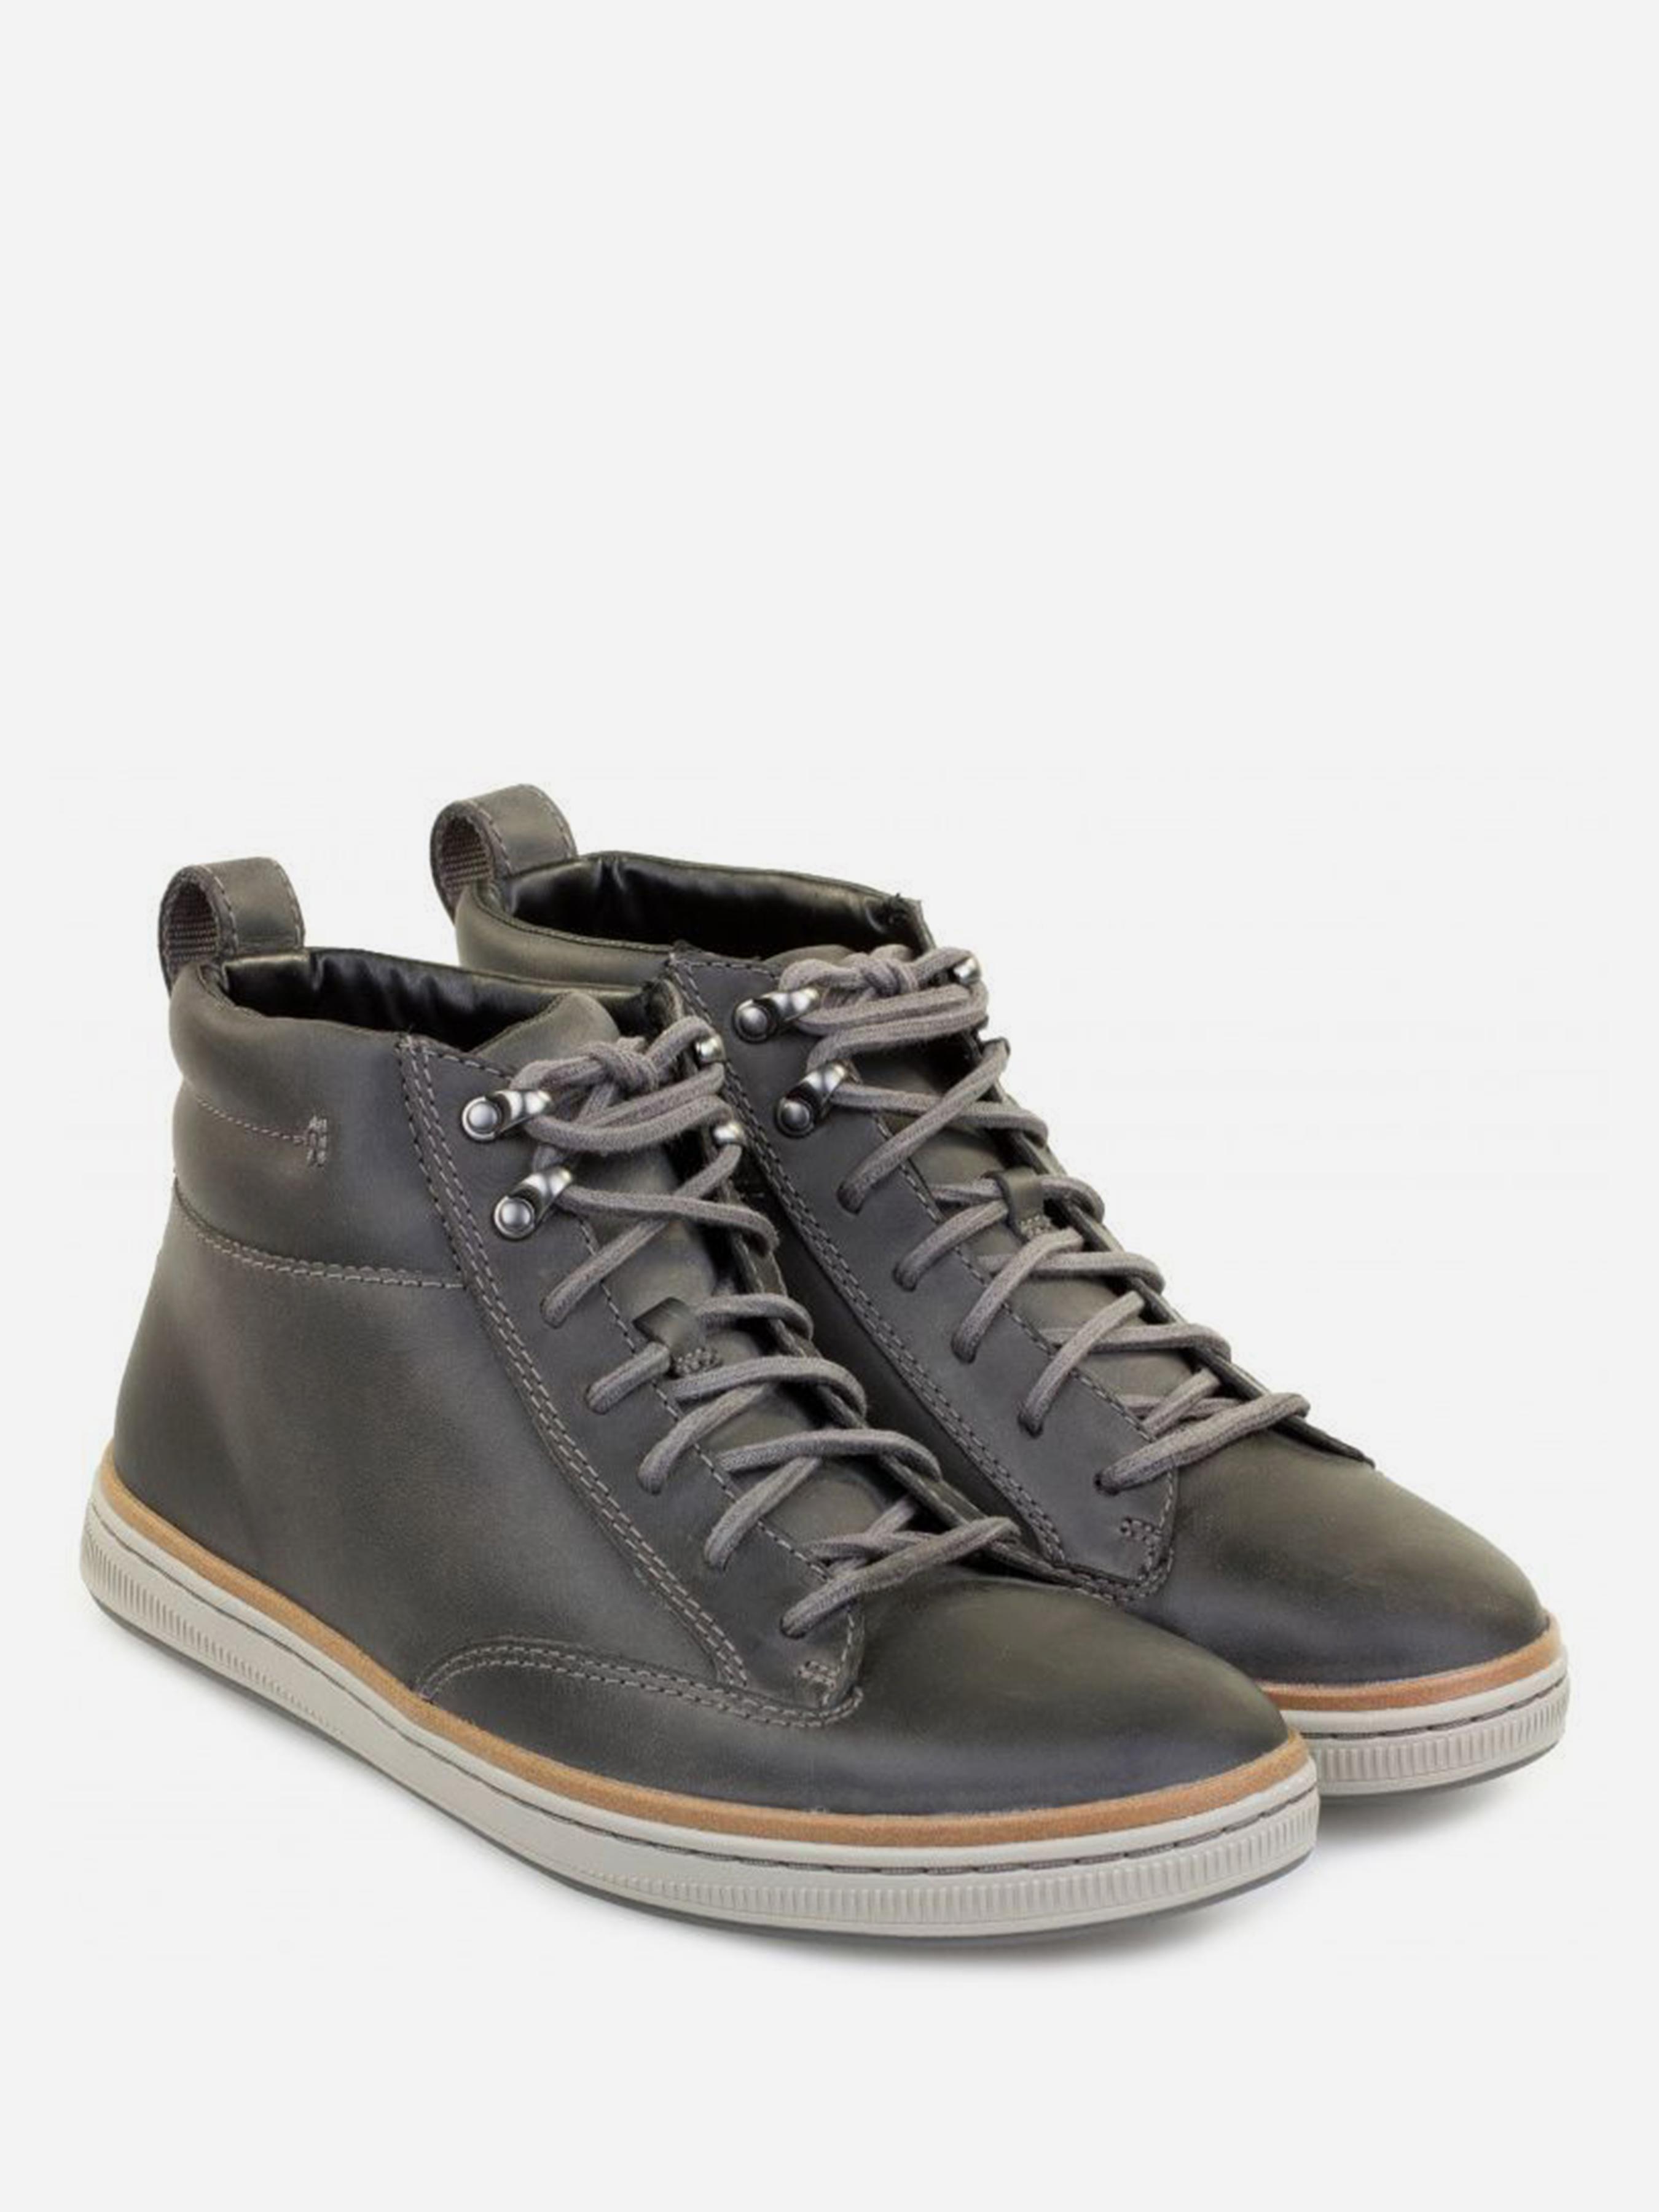 Ботинки мужские Clarks Norsen Mid OM2788 брендовая обувь, 2017